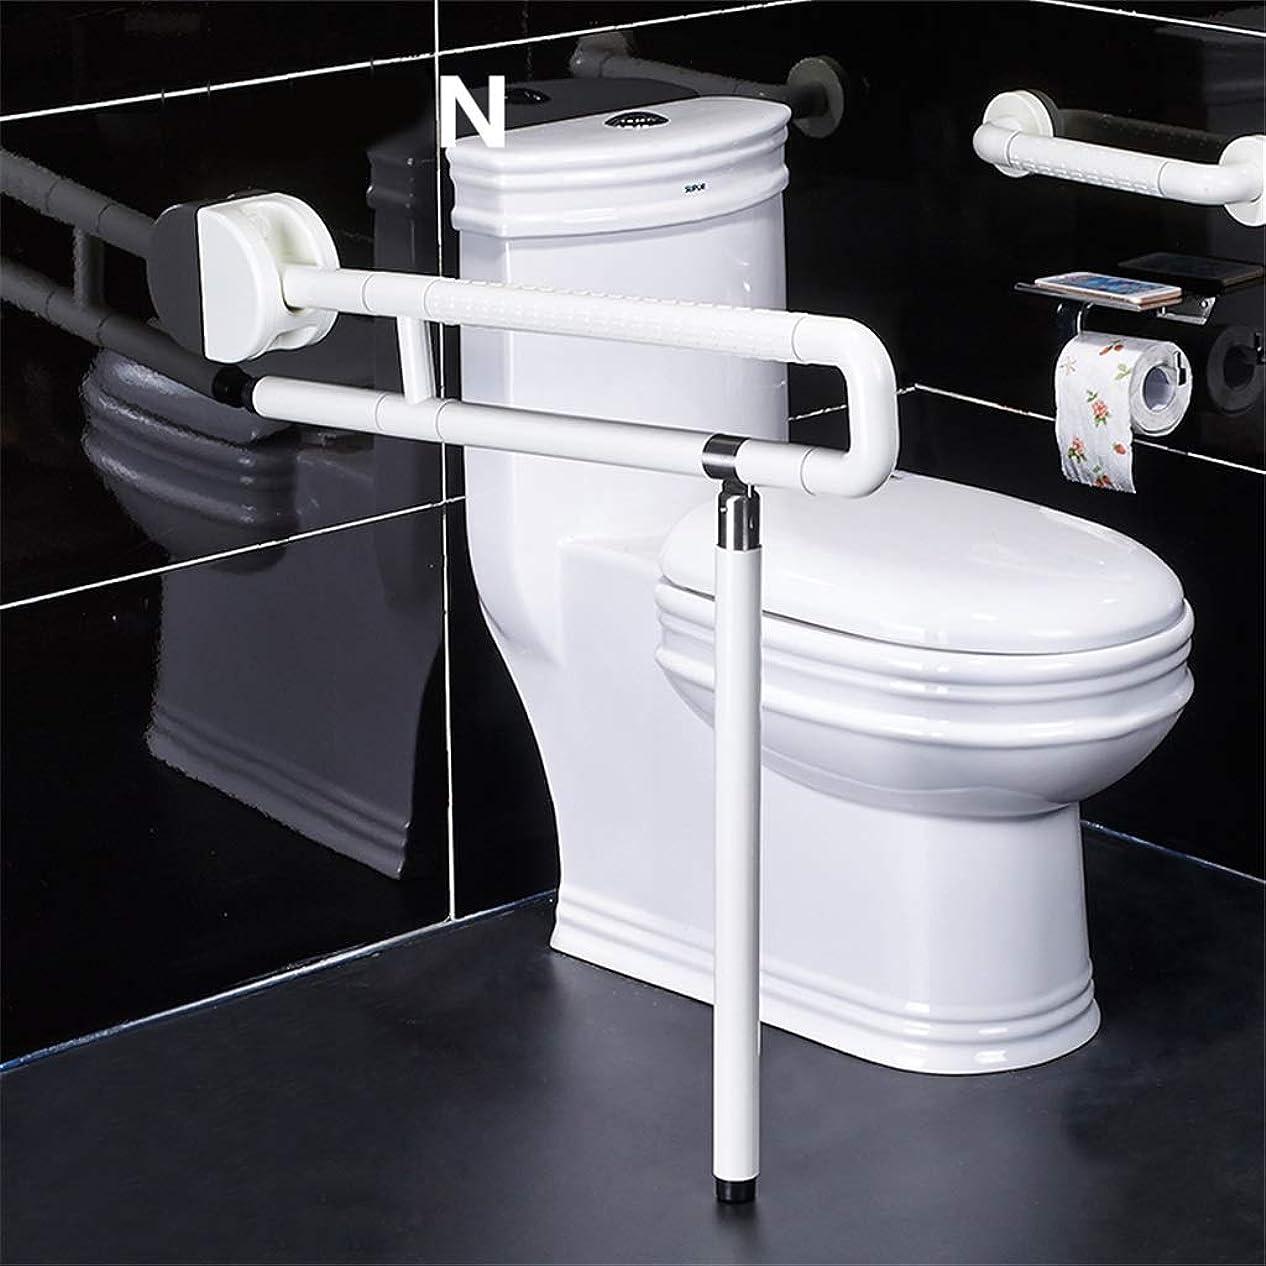 トーナメントこどもセンター効果折りたたみ手すり洗面台浴室グラブバー安全ステンレス鋼手すりトイレアクセシブルハンドル高齢者障害者妊娠中